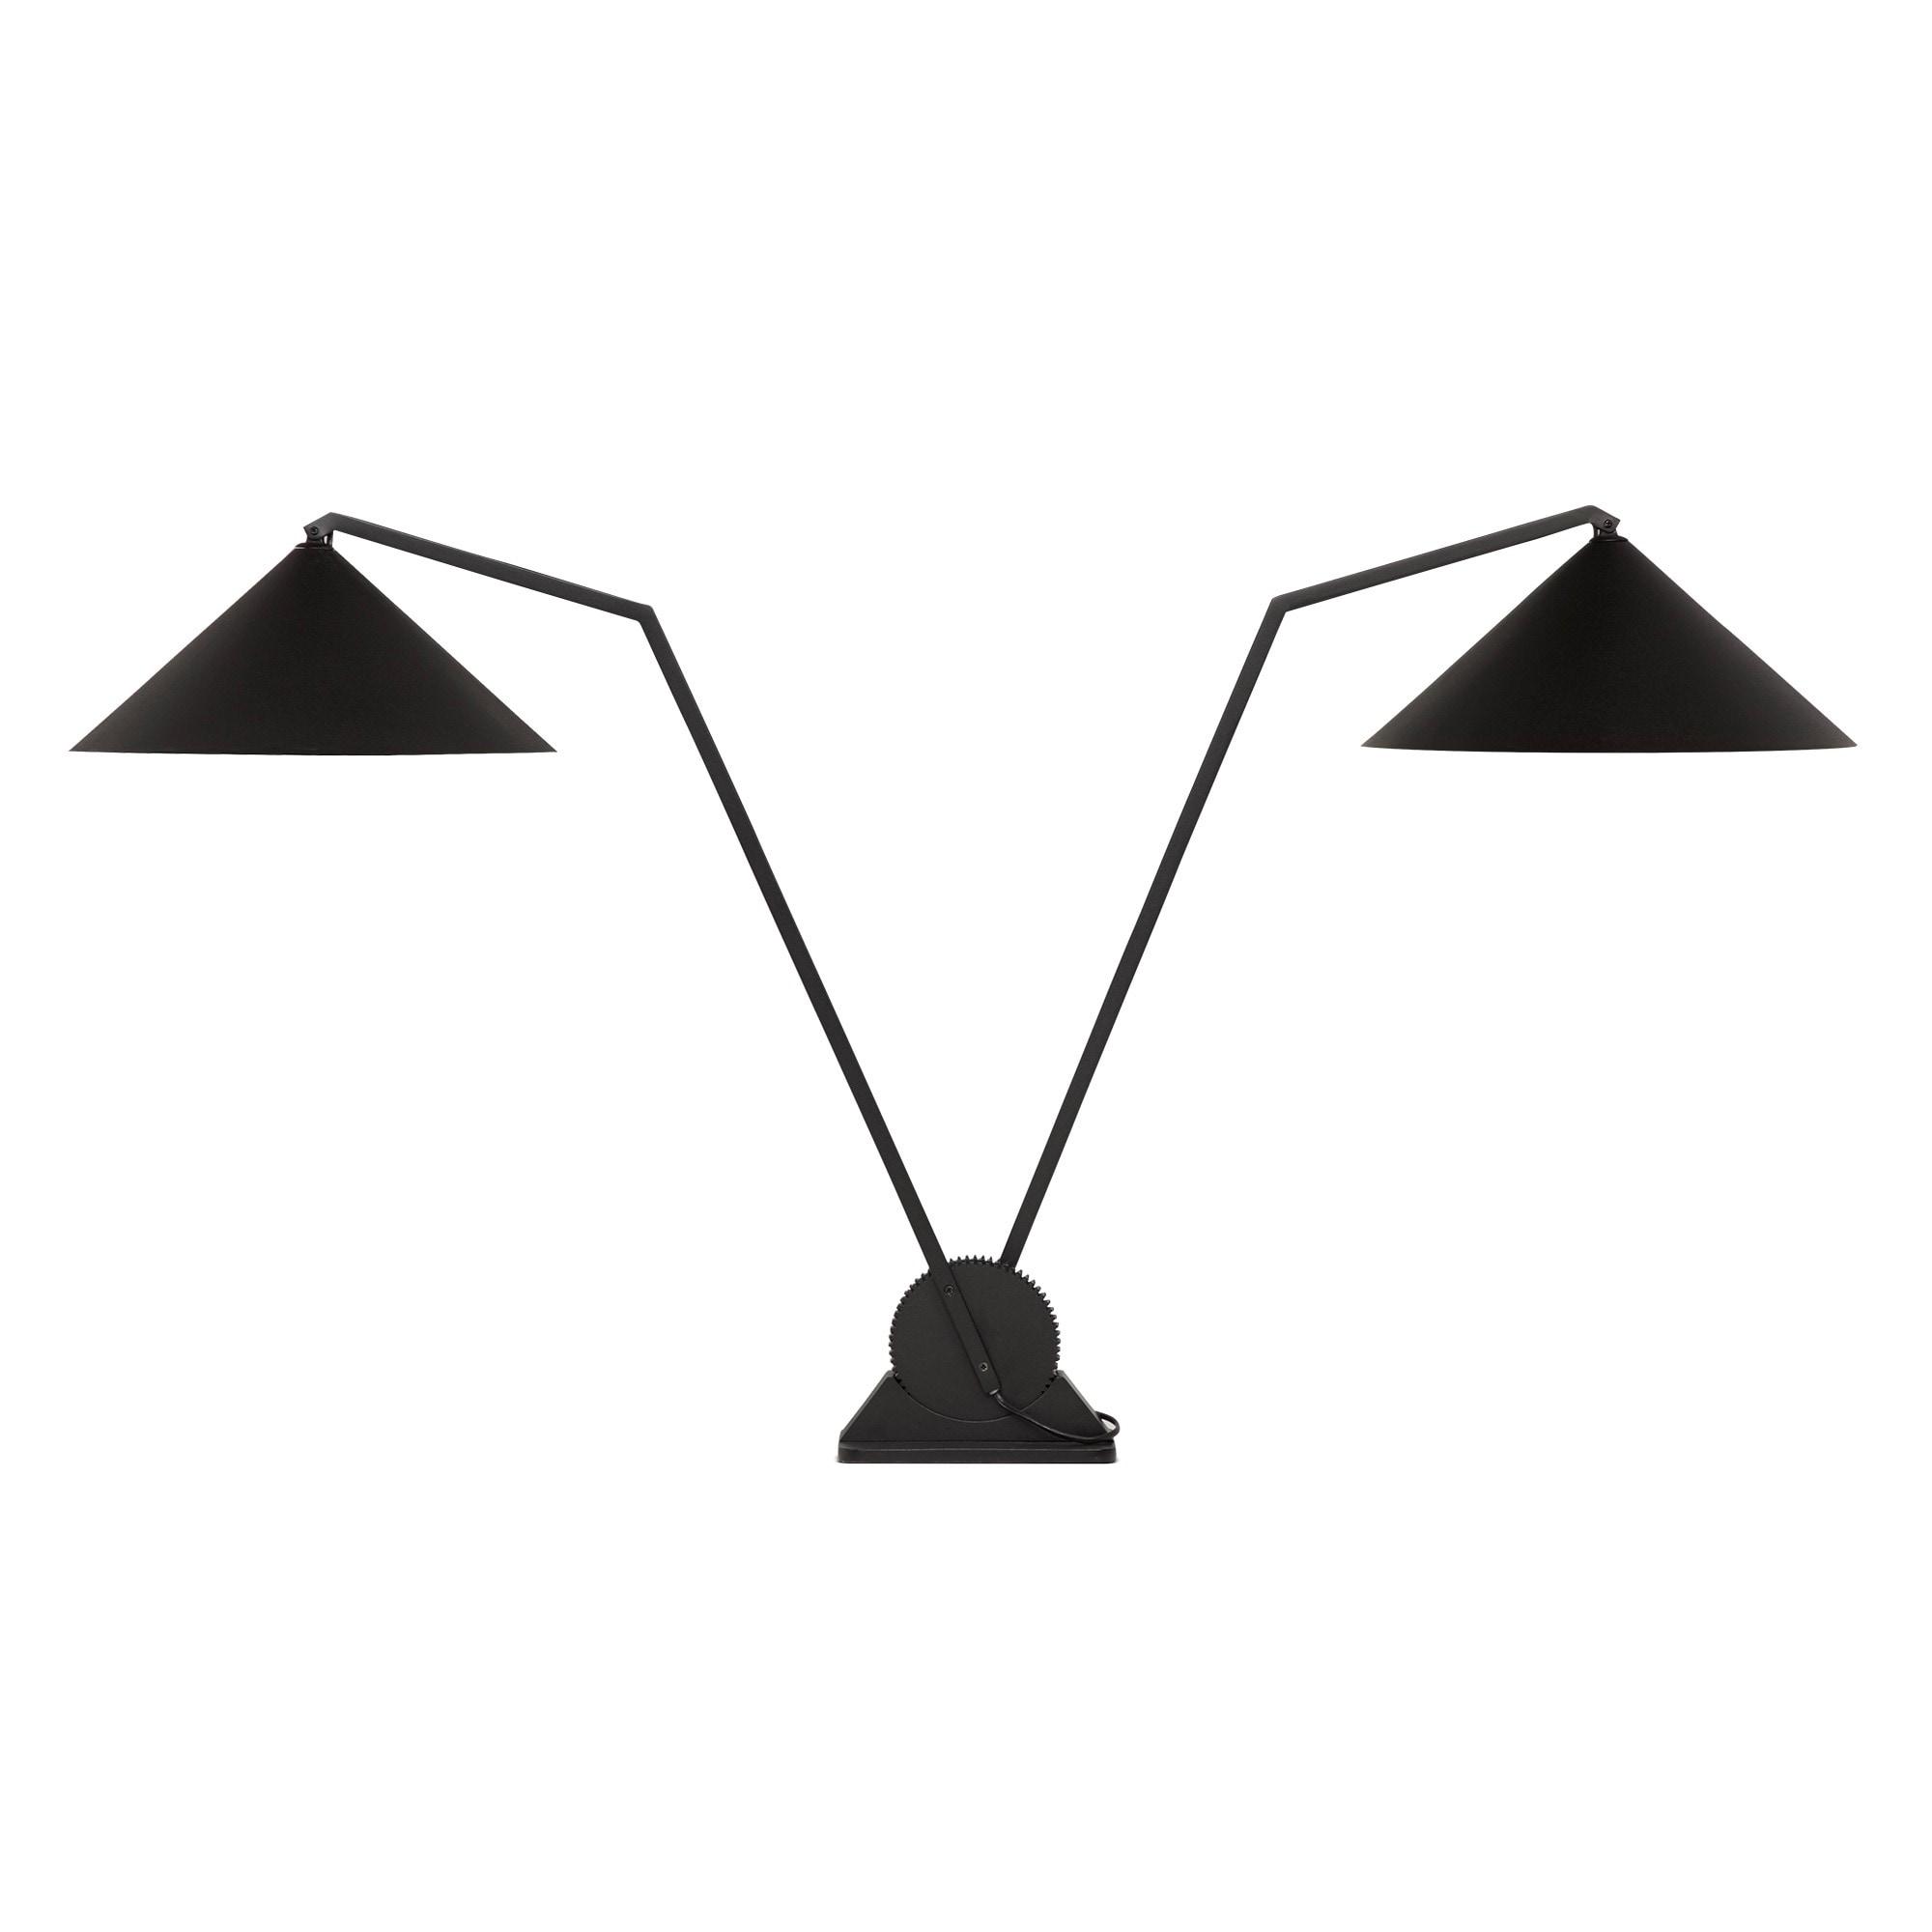 Gear bordslampa dubbel svart